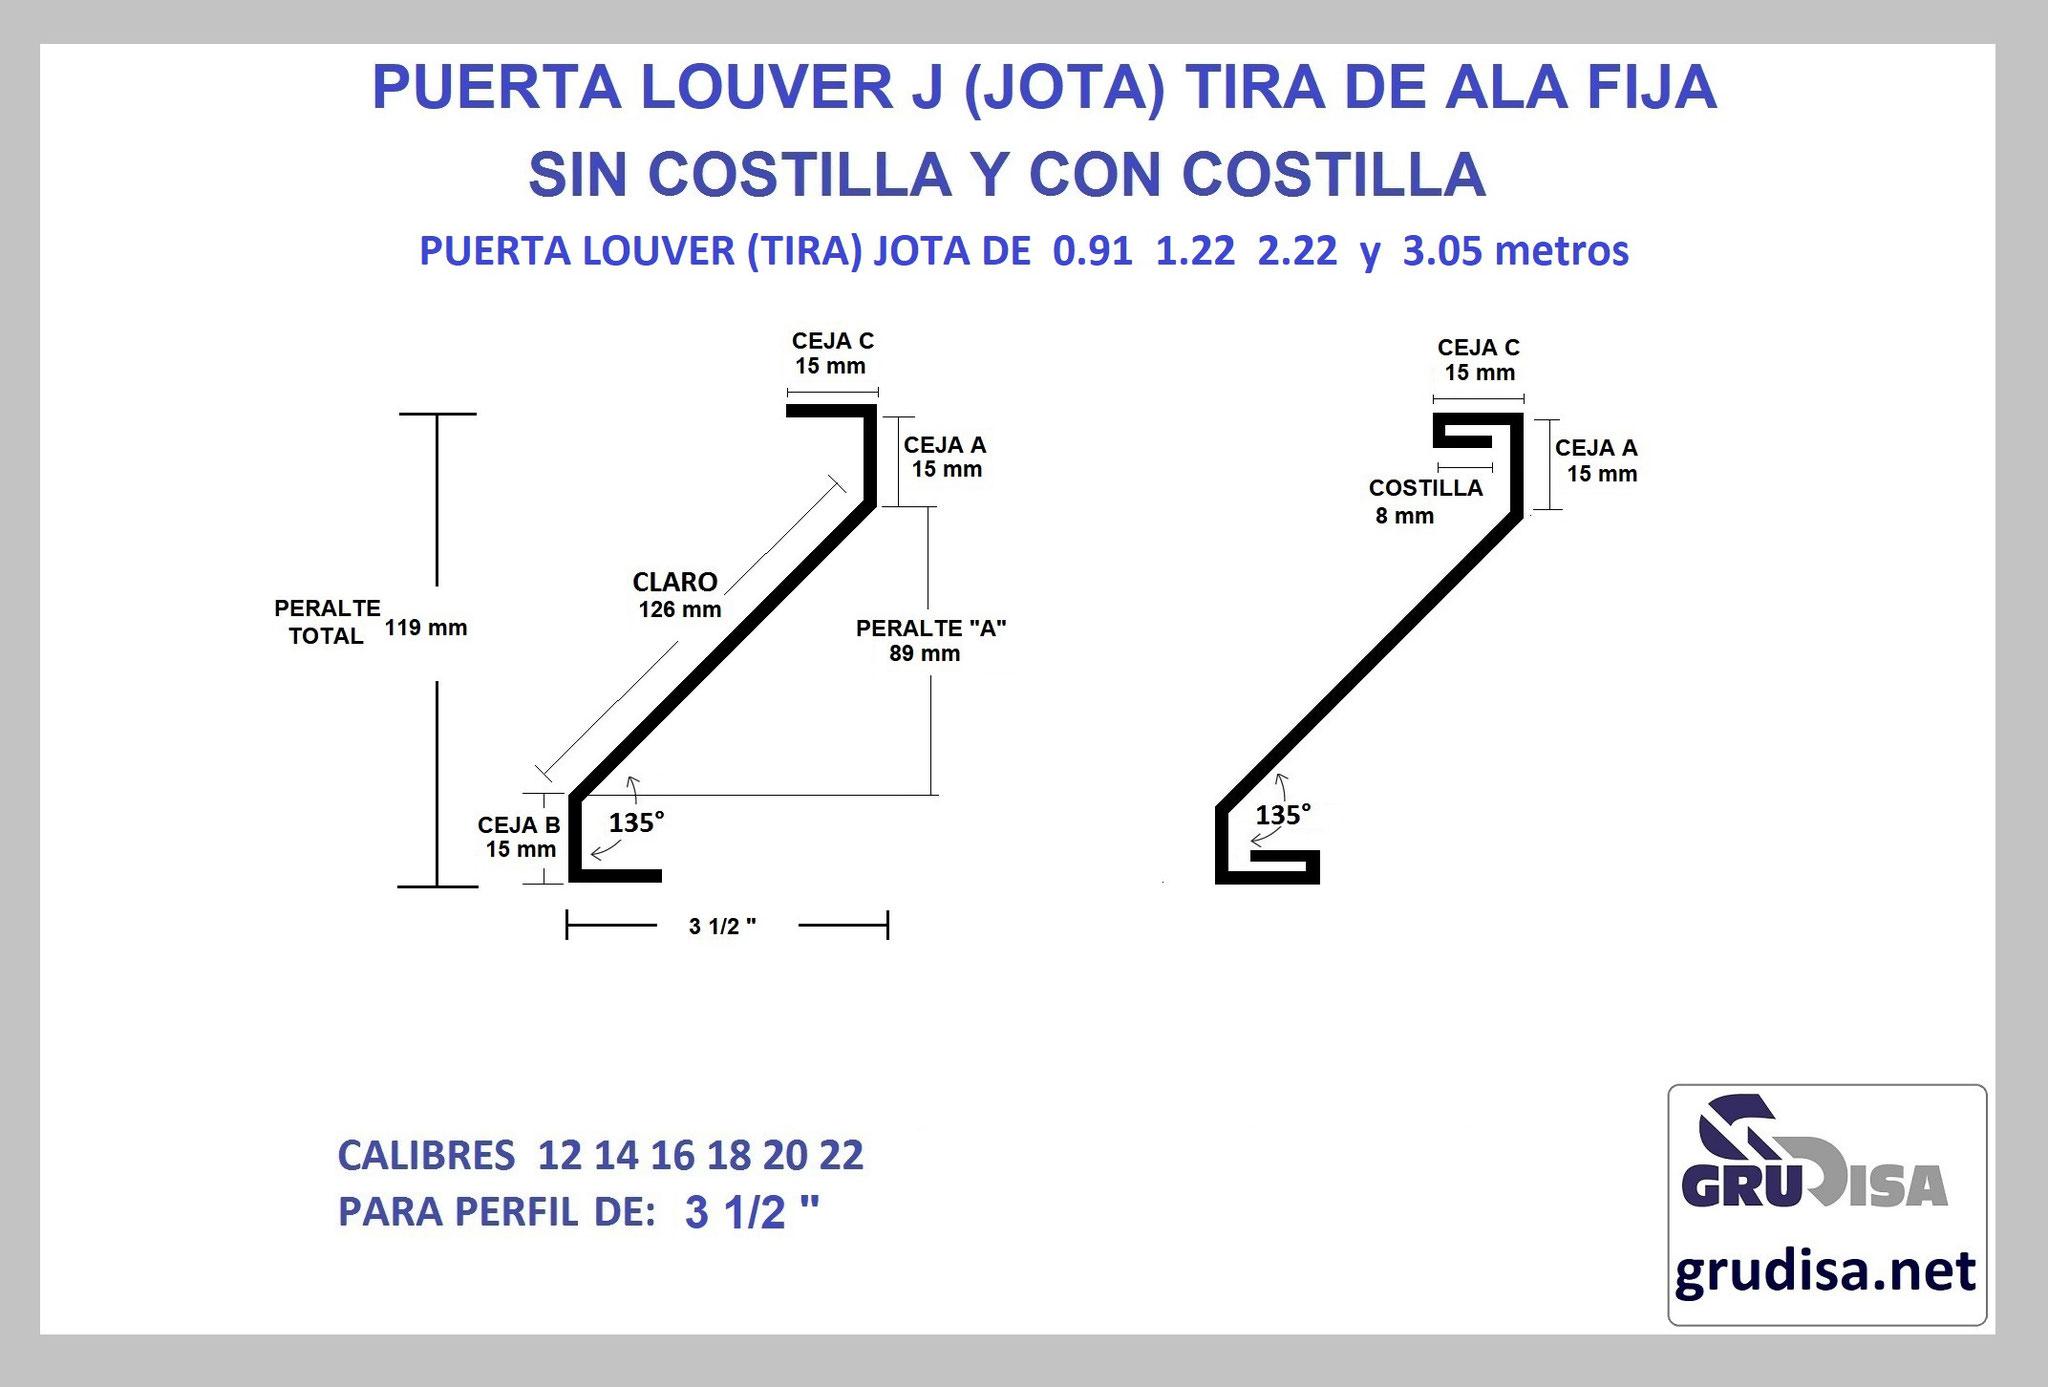 """PUERTA LOUVER (TIRA) J JOTA PARA PERFIL DE 3 1/2"""" CON Y SIN COSTILLA LARGOS DE 0.91  1.22  2.44  y 3.05m"""